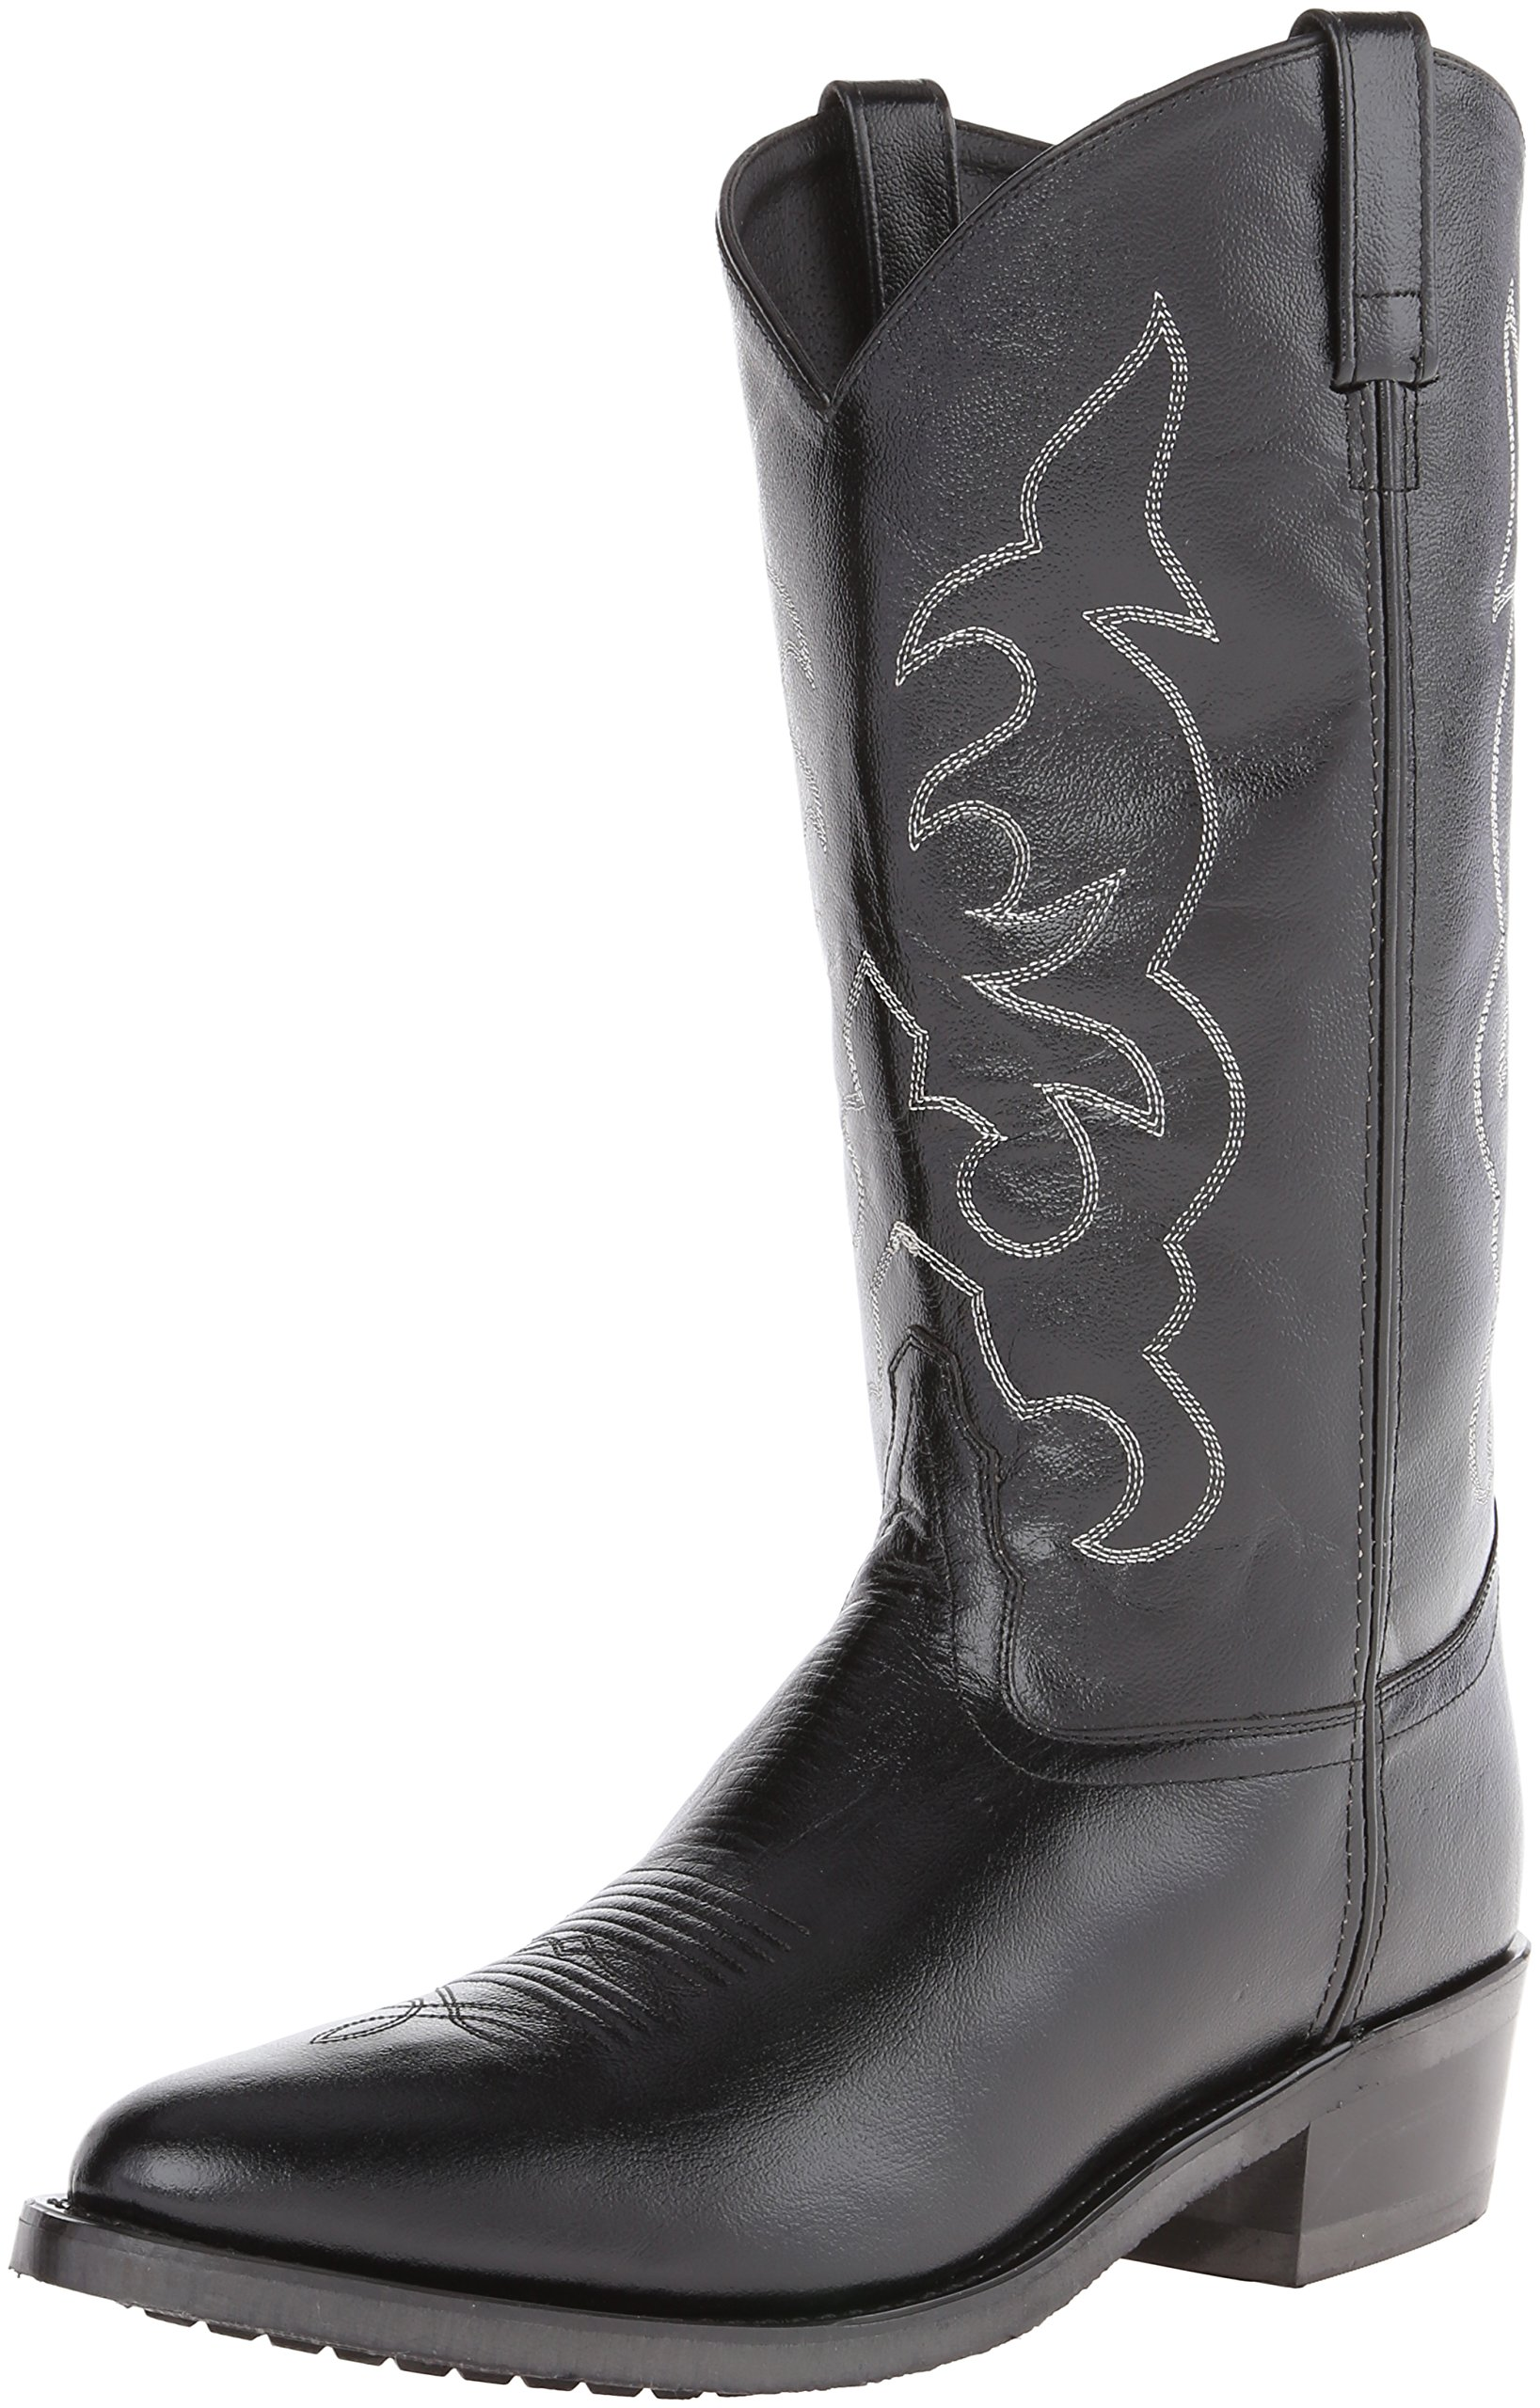 Old West Men's Leather Cowboy Work Boots - Black10.5 D(M) US